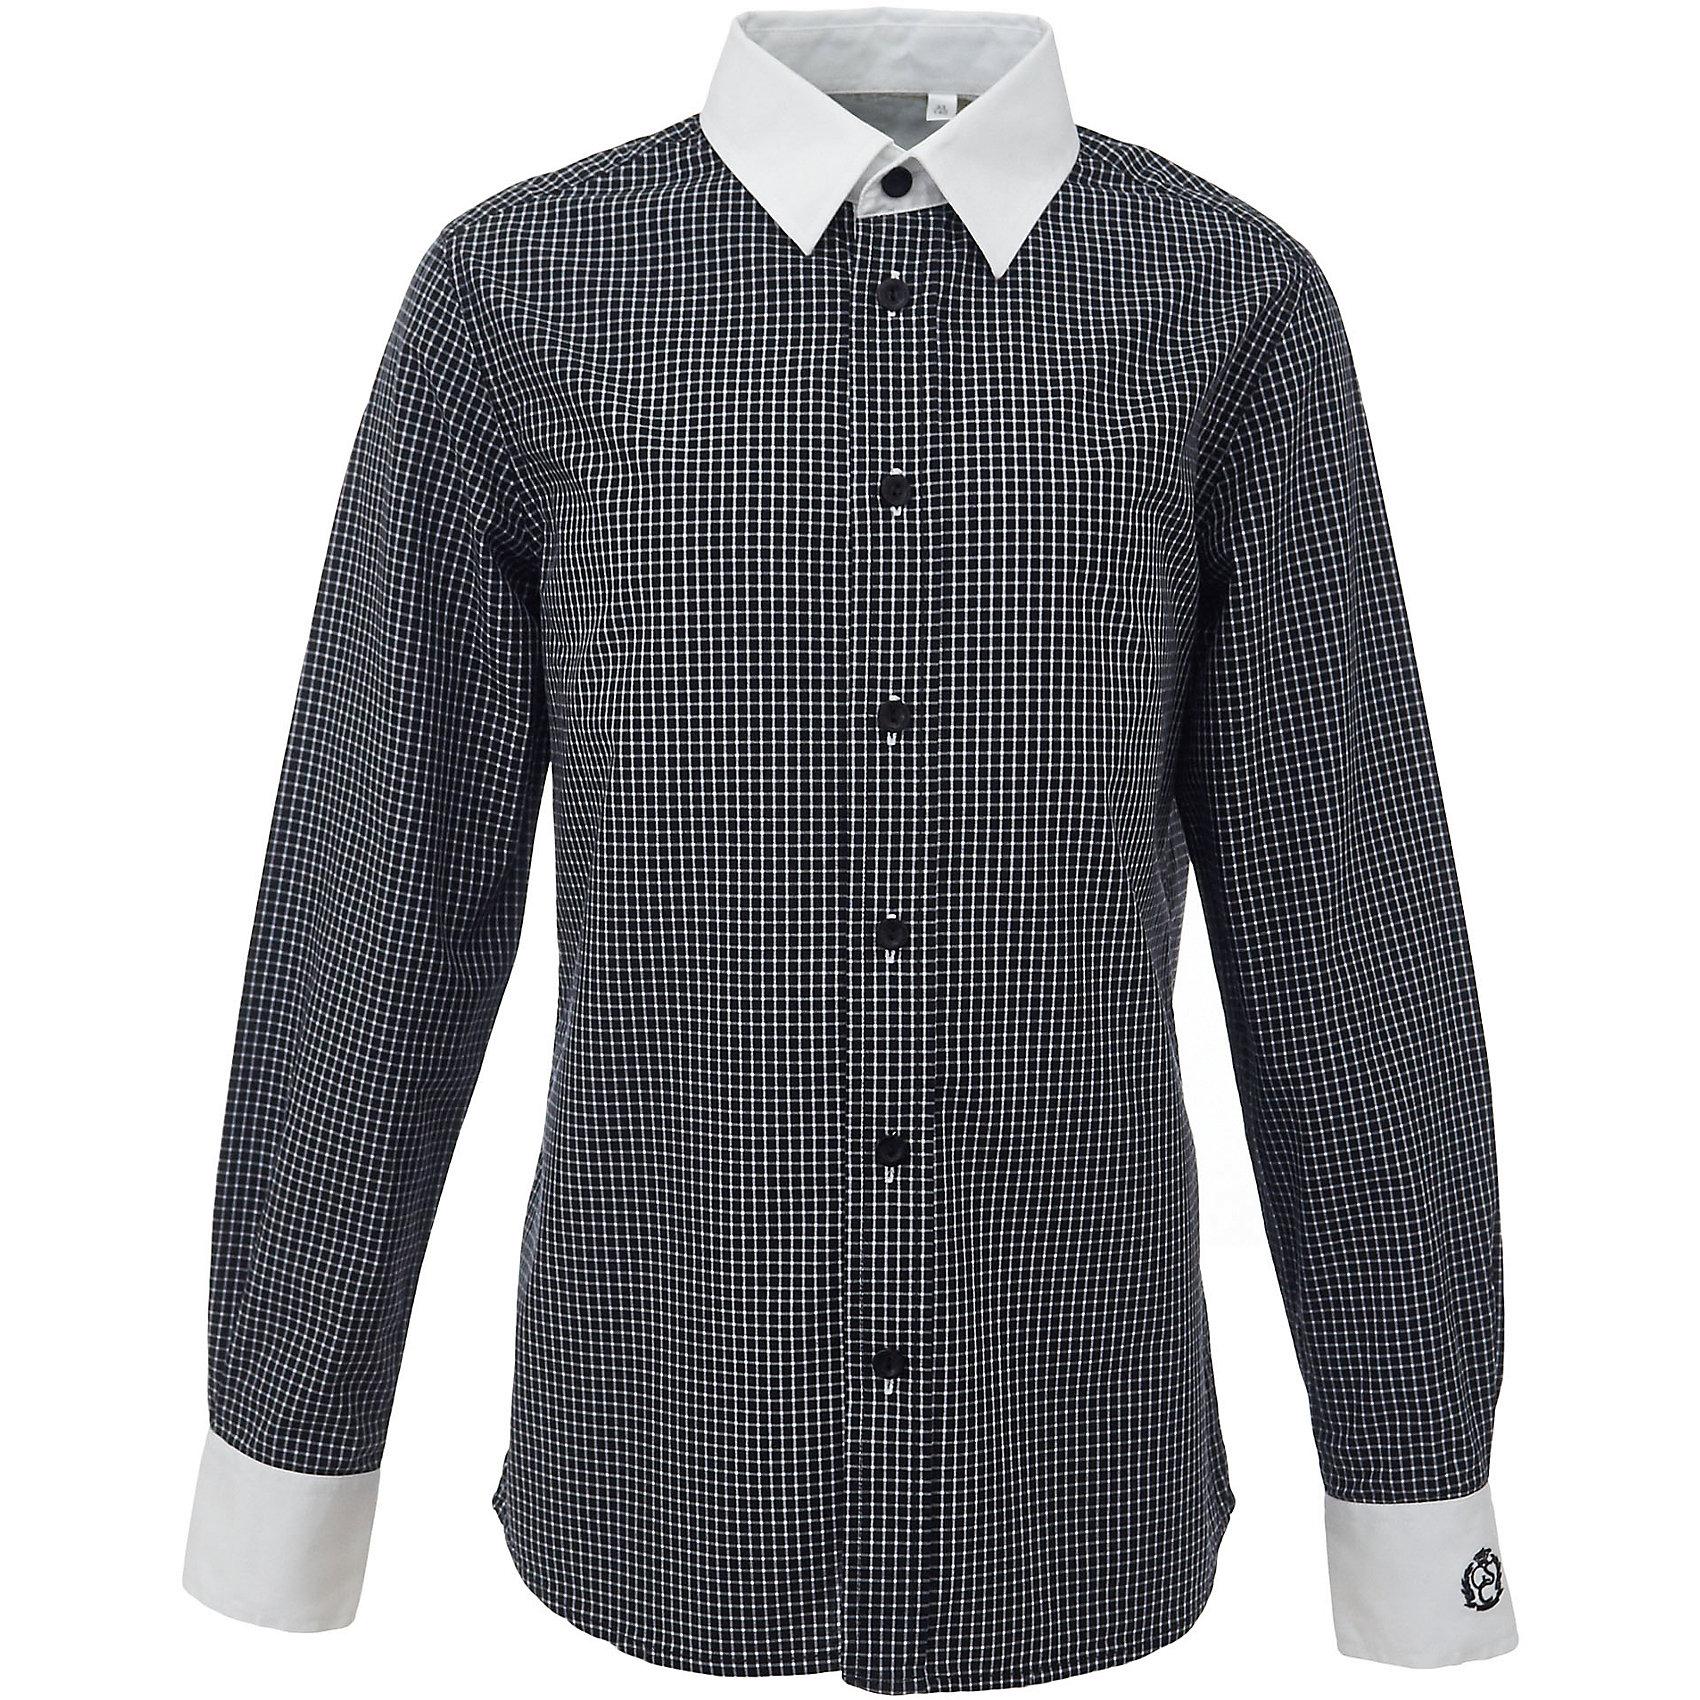 Рубашка для мальчика GulliverБлузки и рубашки<br>Характеристики товара:<br><br>• цвет: черный<br>• состав: 100% хлопок<br>• сезон: круглый год<br>• с длинным рукавом<br>• воротник-стойка<br>• застежки: пуговицы<br>• манжеты на трех пуговицах<br>• особенности: школьная, повседневная, в клетку<br>• страна бренда: Российская Федерация<br>• страна производства: Российская Федерация<br><br>Школьная рубашка с длинным рукавом для мальчика. Черная рубашка в клетку застегивается на пуговицы, манжеты рукавов на трех пуговицах. Воротник и манжеты контрастного белого цвета.<br><br>Рубашку для мальчика Gulliver (Гулливер) можно купить в нашем интернет-магазине.<br><br>Ширина мм: 174<br>Глубина мм: 10<br>Высота мм: 169<br>Вес г: 157<br>Цвет: черный<br>Возраст от месяцев: 168<br>Возраст до месяцев: 180<br>Пол: Мужской<br>Возраст: Детский<br>Размер: 128,134,140,146,152,158,164,170,122<br>SKU: 6678396